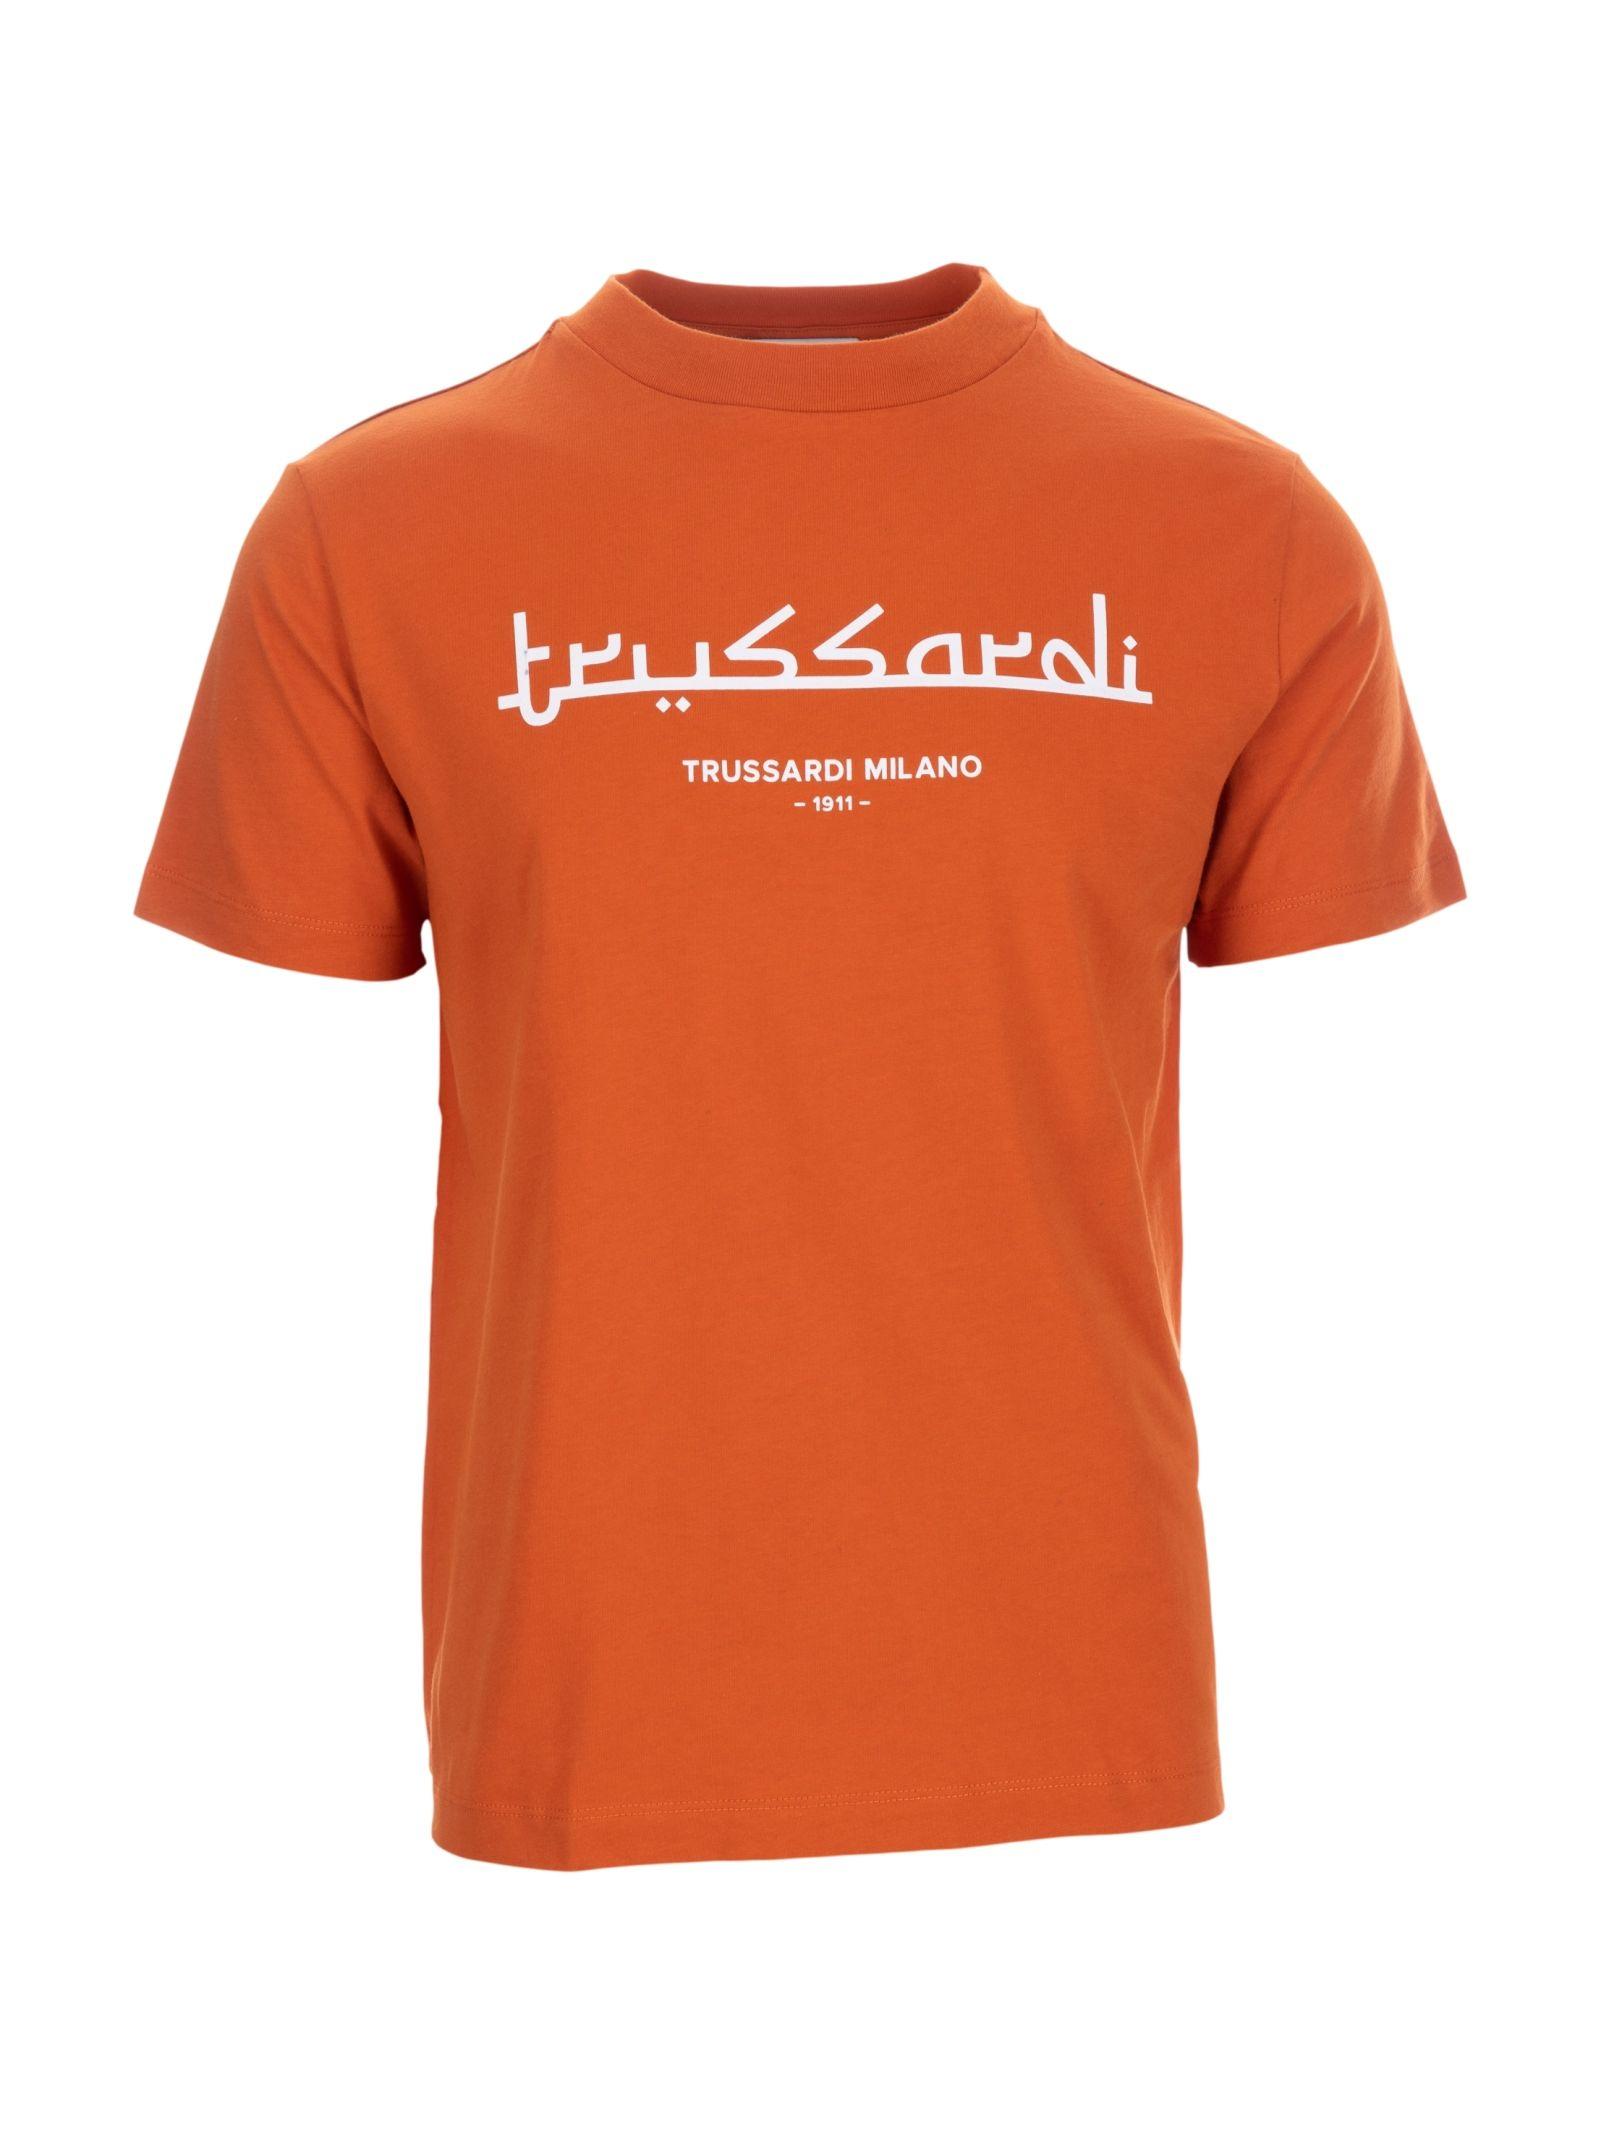 Trussardi T-Shirt 52T00484 1T005172